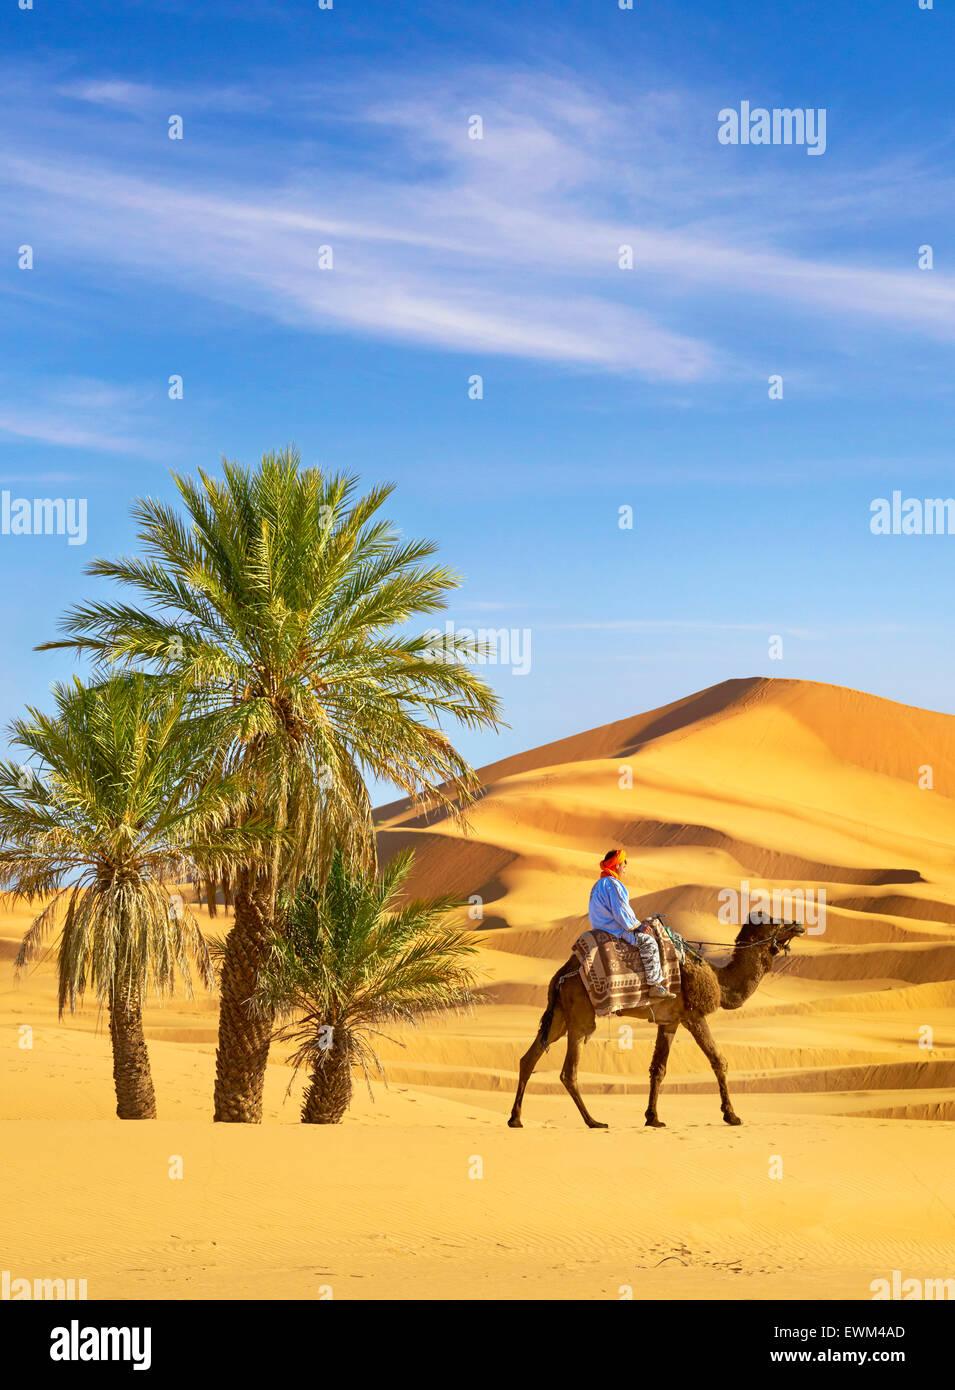 Hombre bereber paseo en camello, Erg Chebbi : desierto cerca de Merzouga, Sahara, Marruecos Imagen De Stock